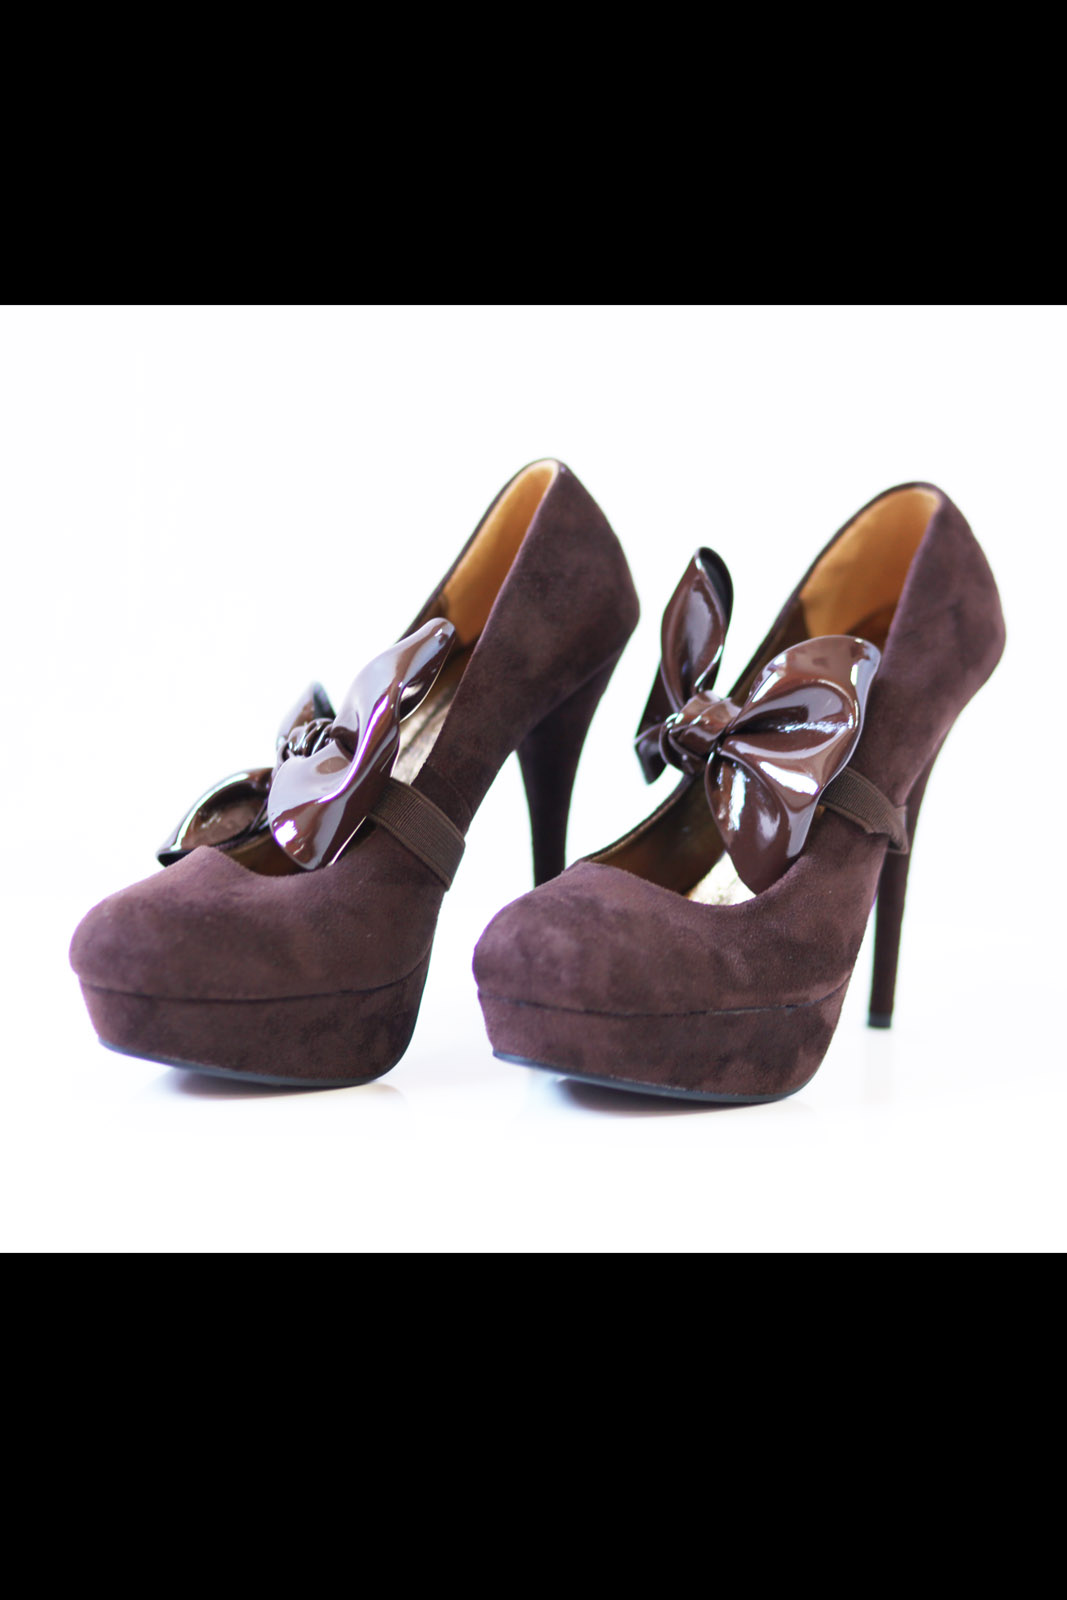 Kõrge kontsaga pruunid kingad